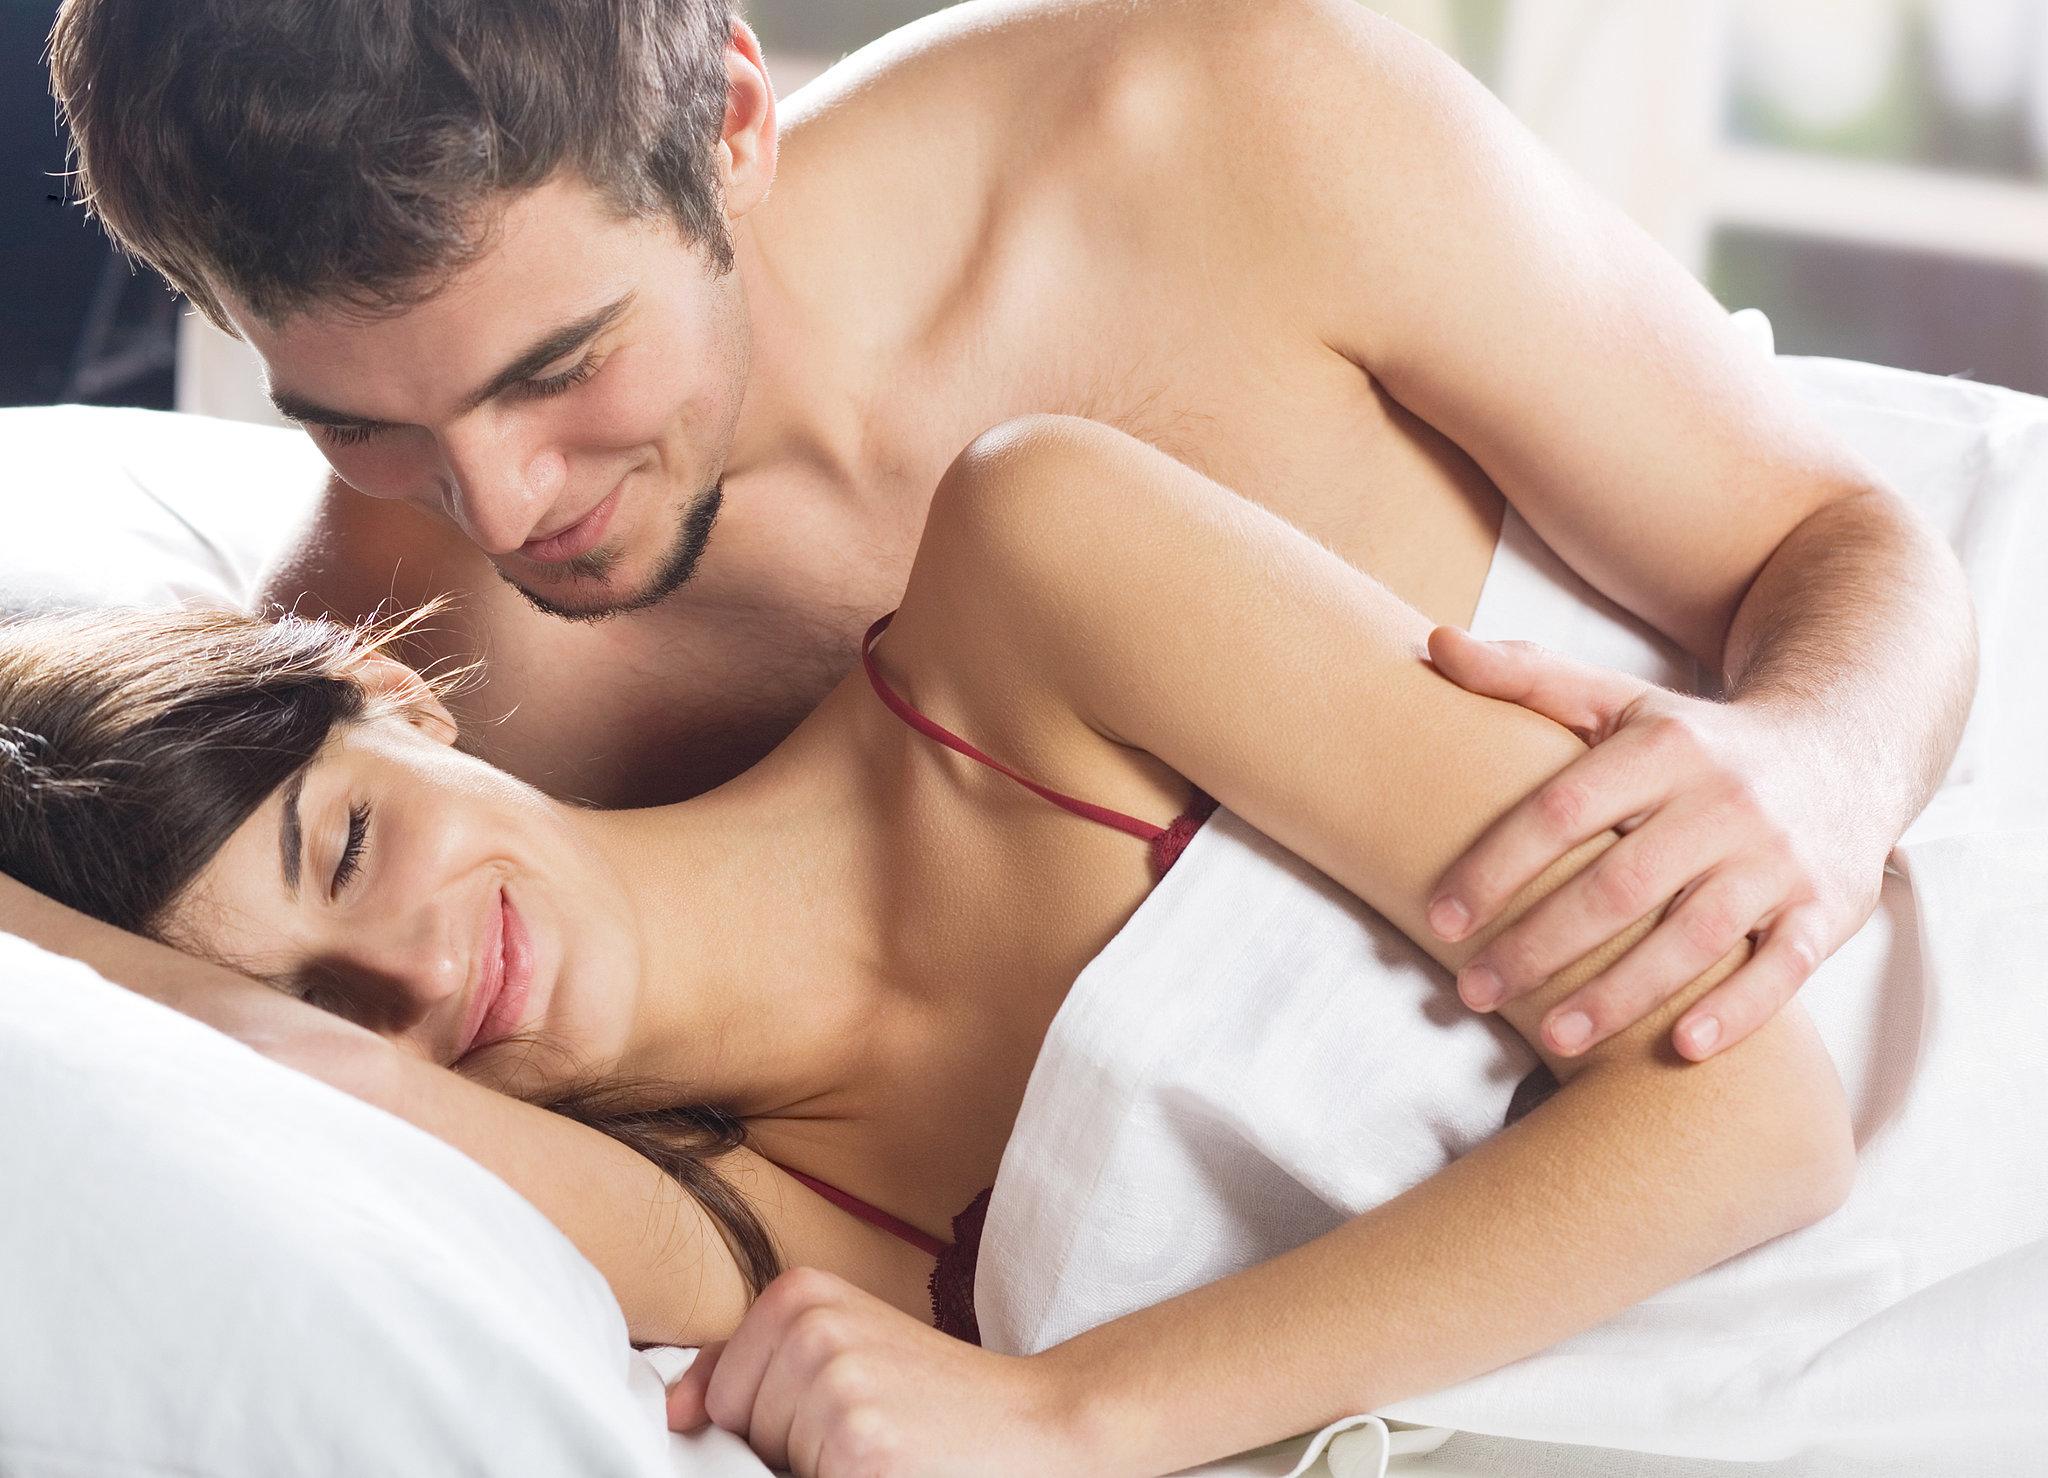 Фото как занимаются люди сексом 28 фотография